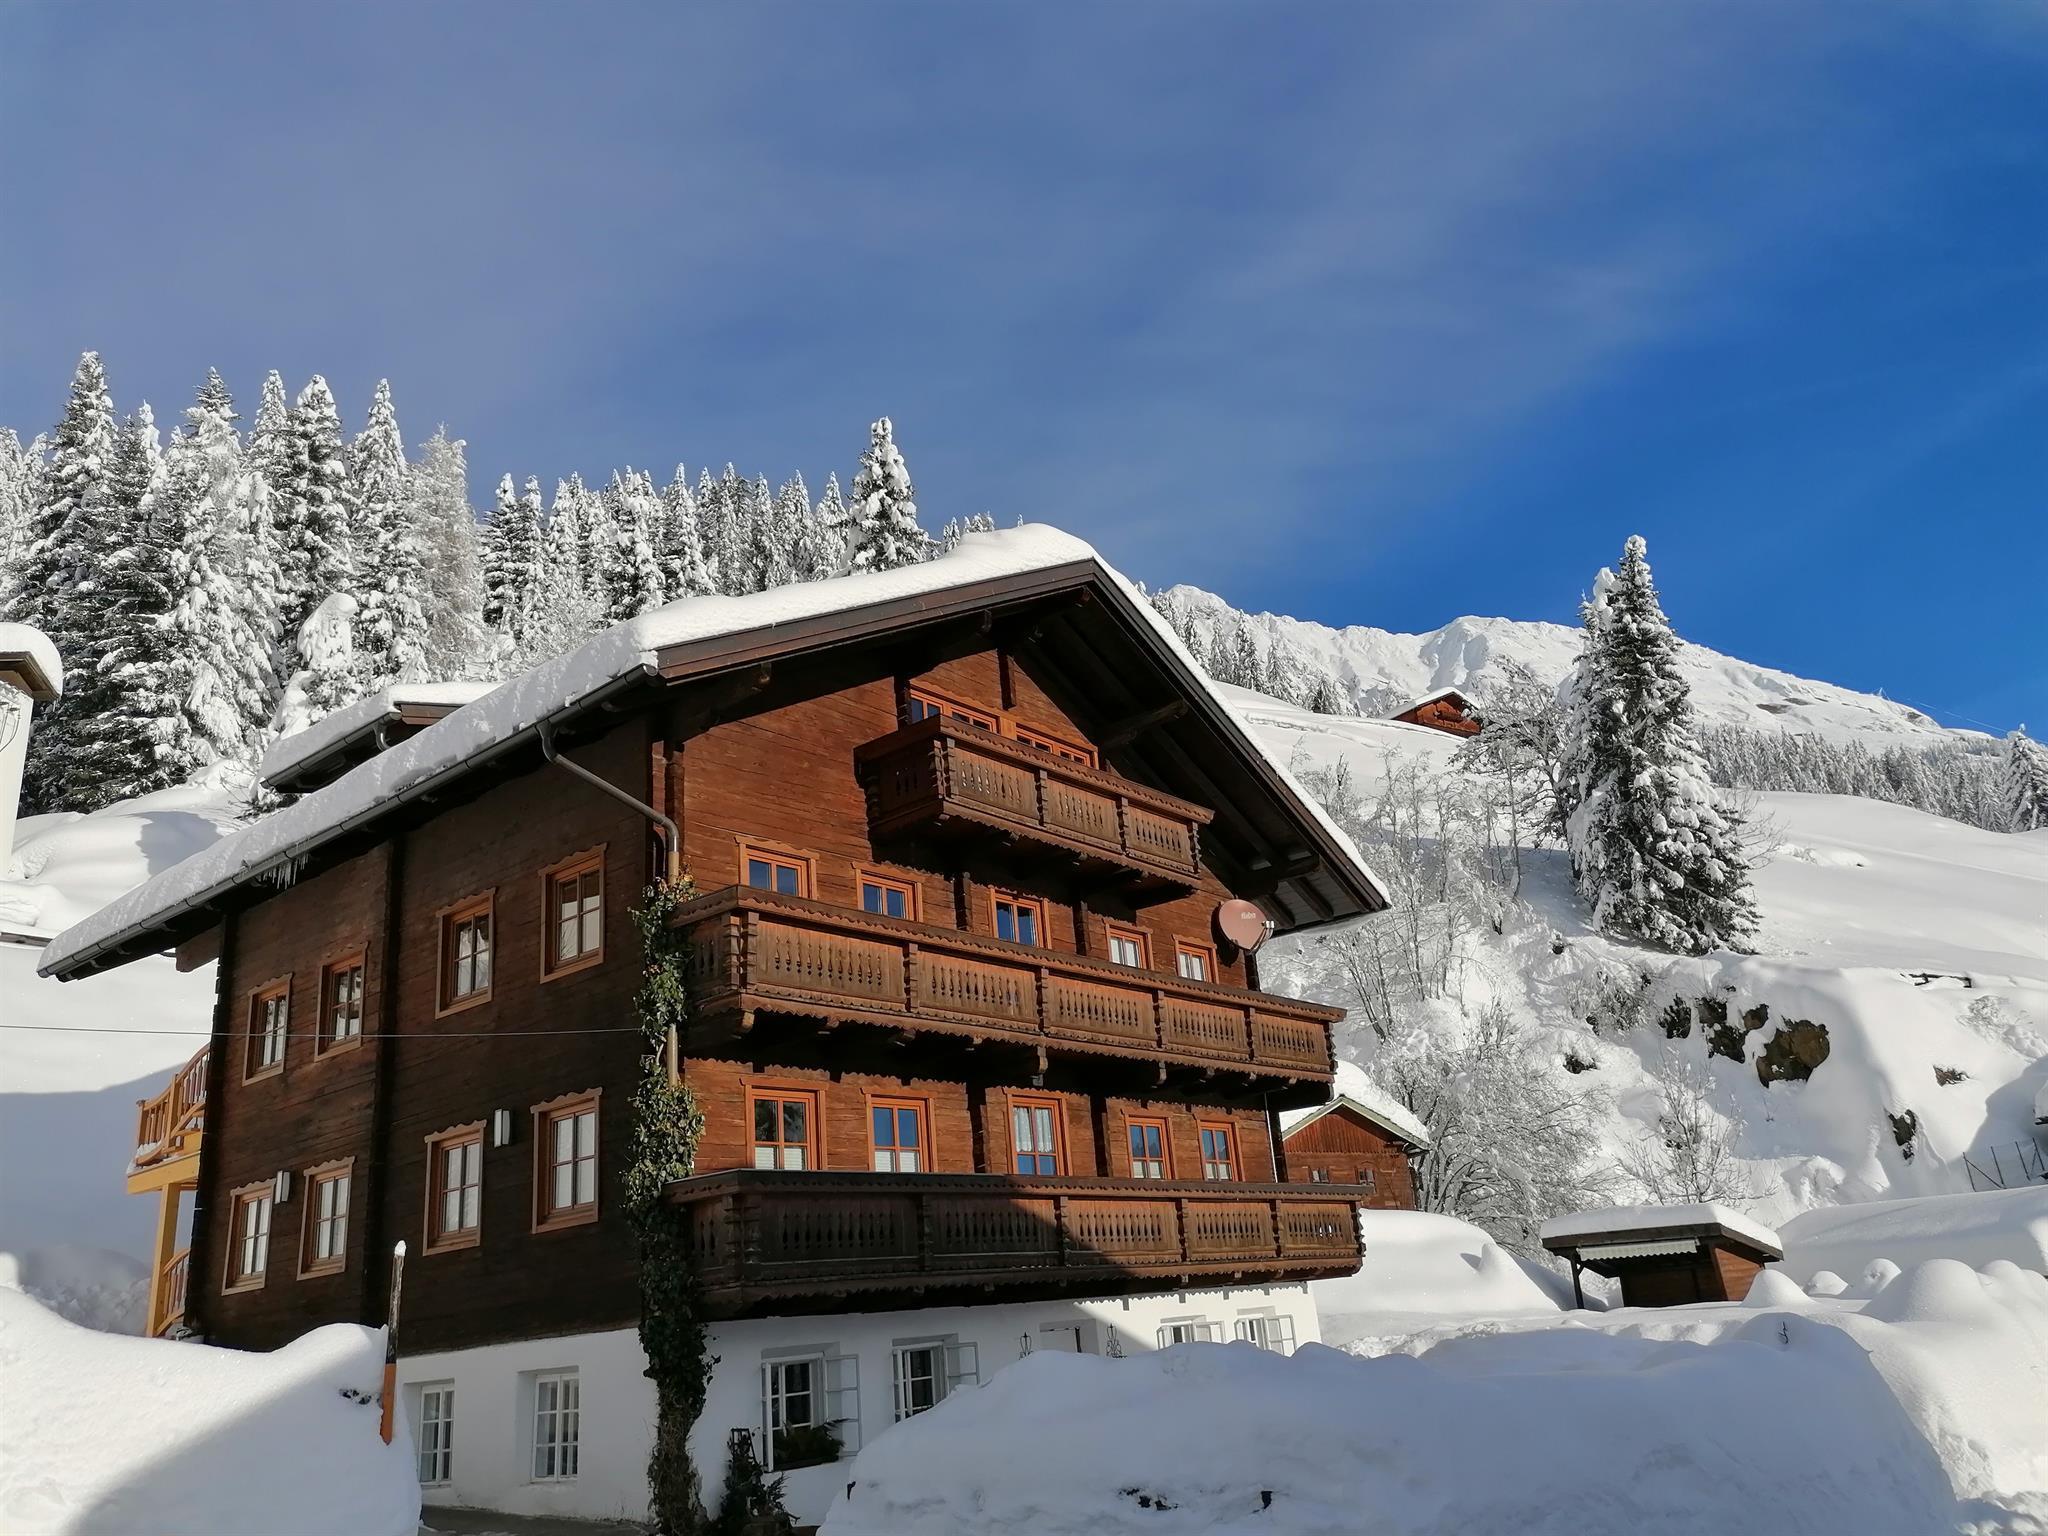 Bauernhaus-Winter.jpg